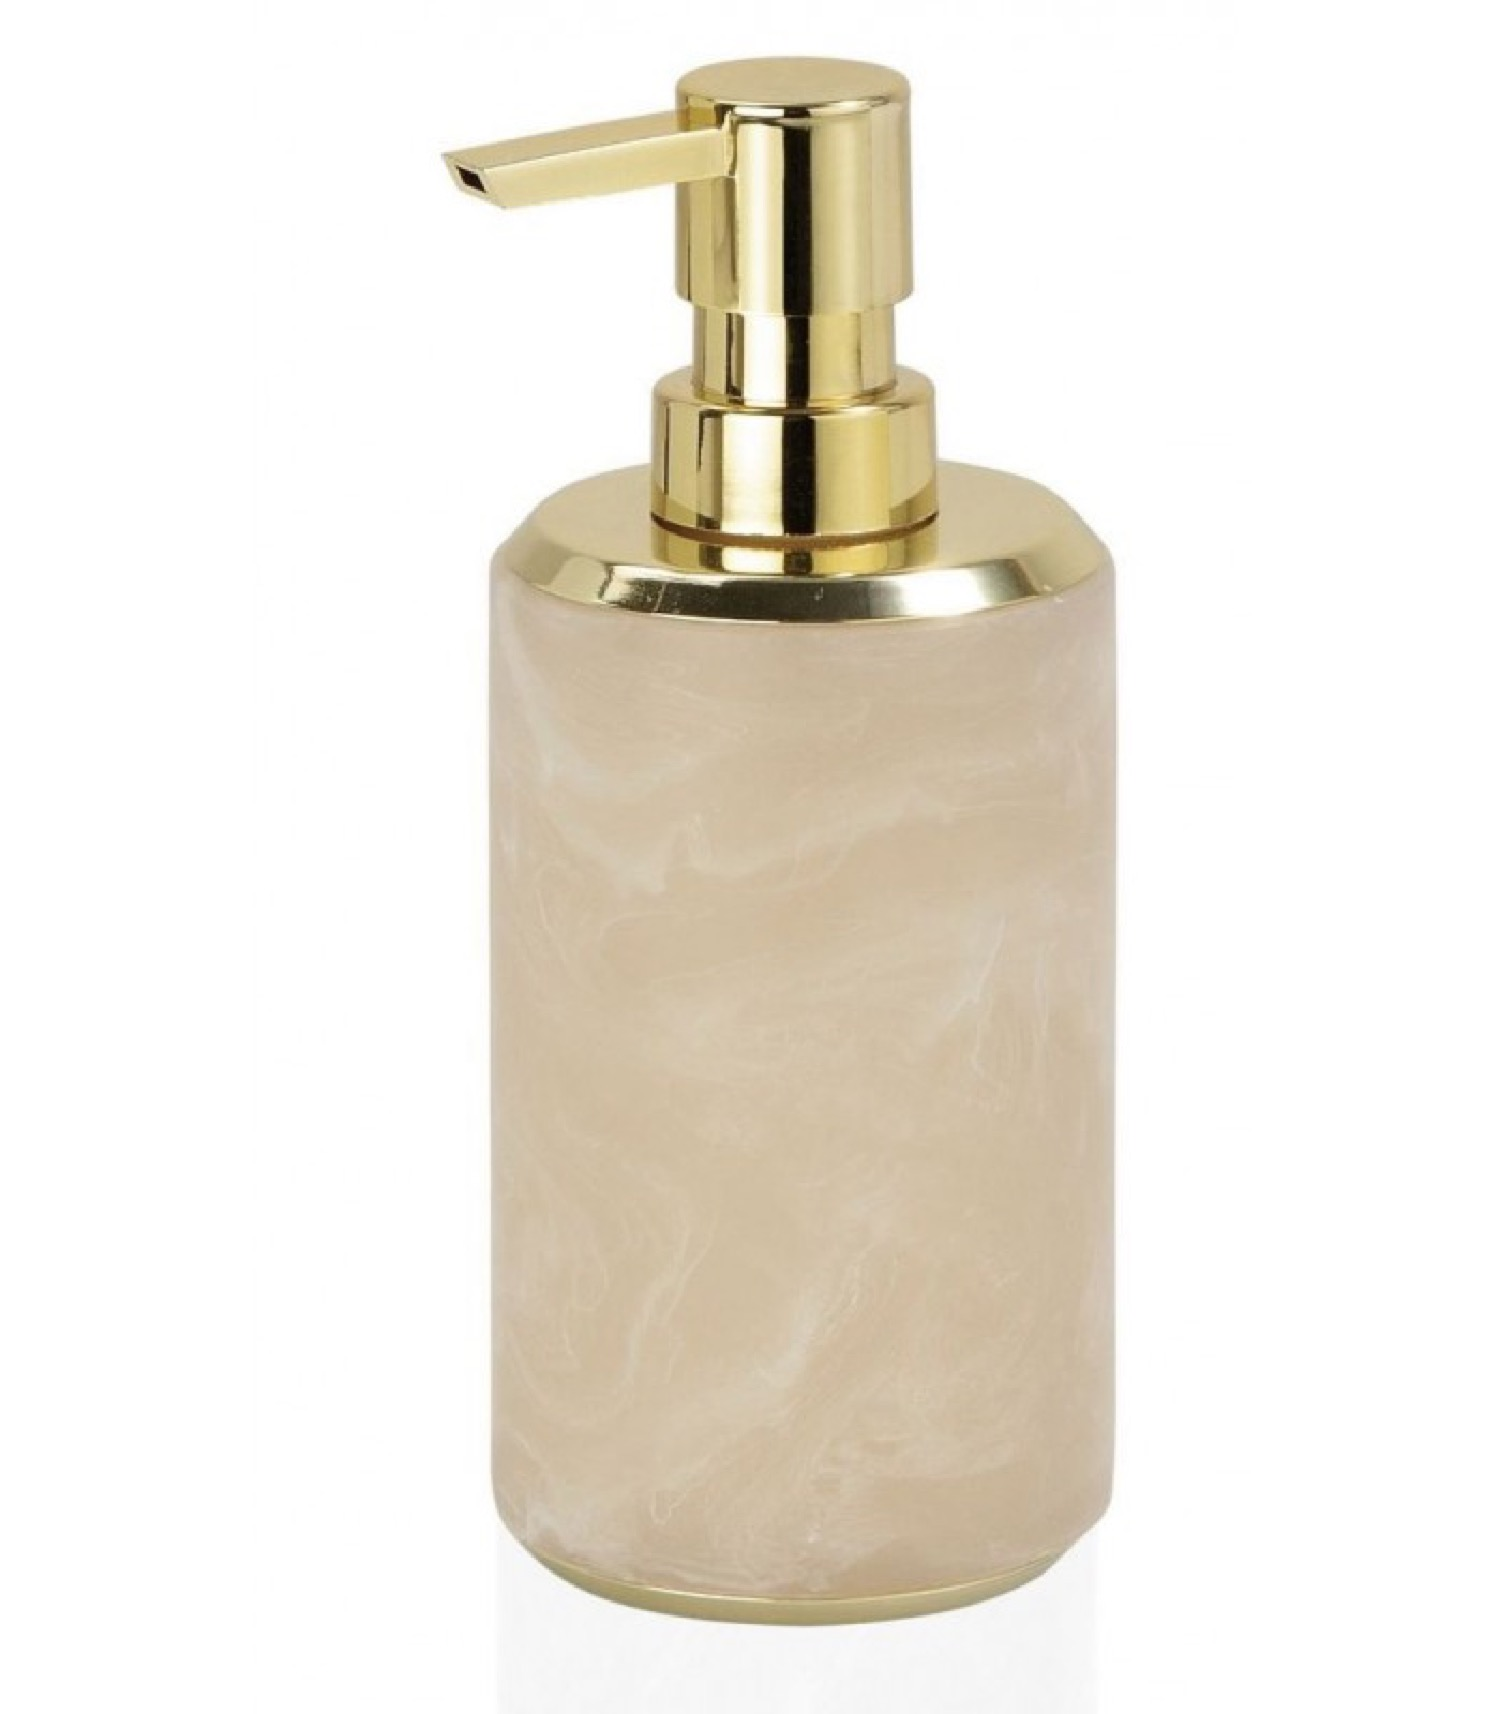 Distributeur de savon en résine effet marbre rose et métal doré